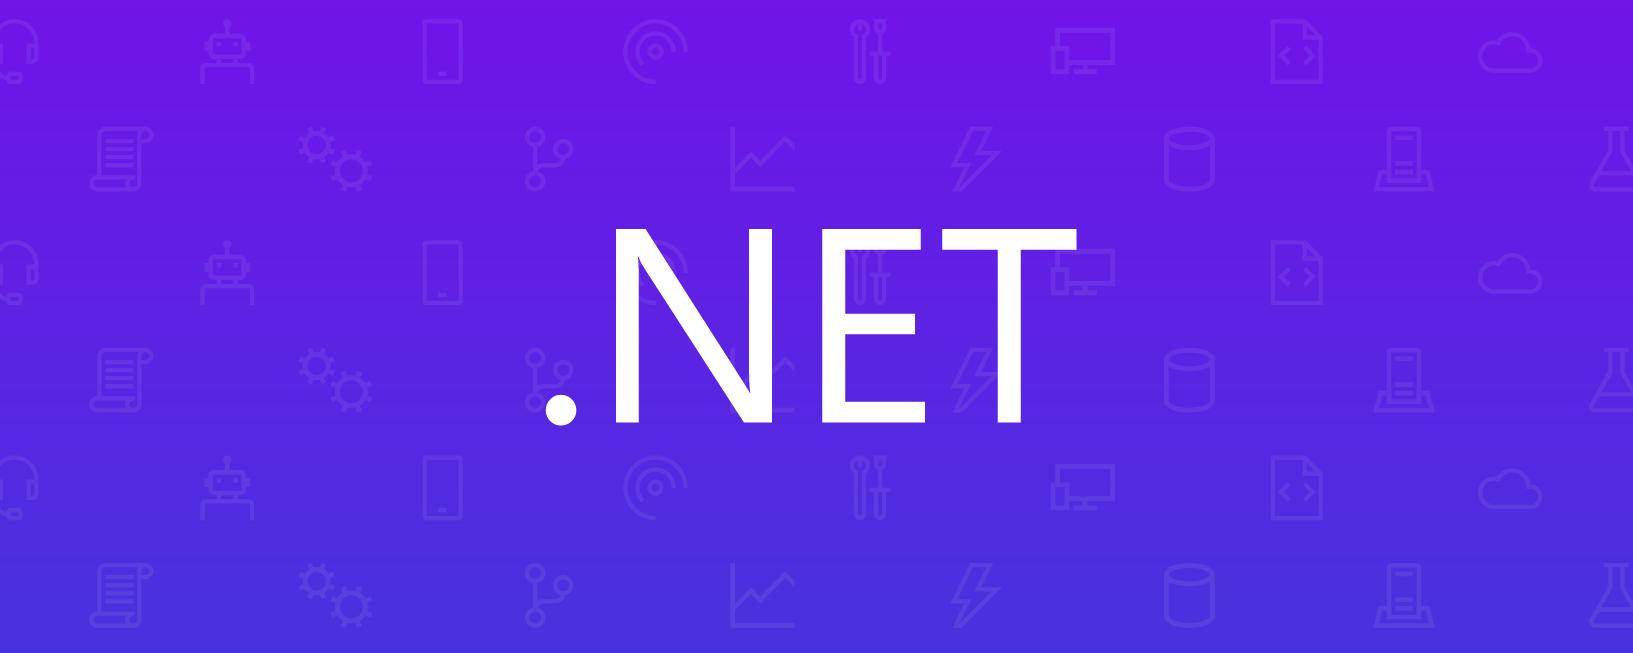 .NET Interactive уже здесь! | .NET Notebooks Preview 2